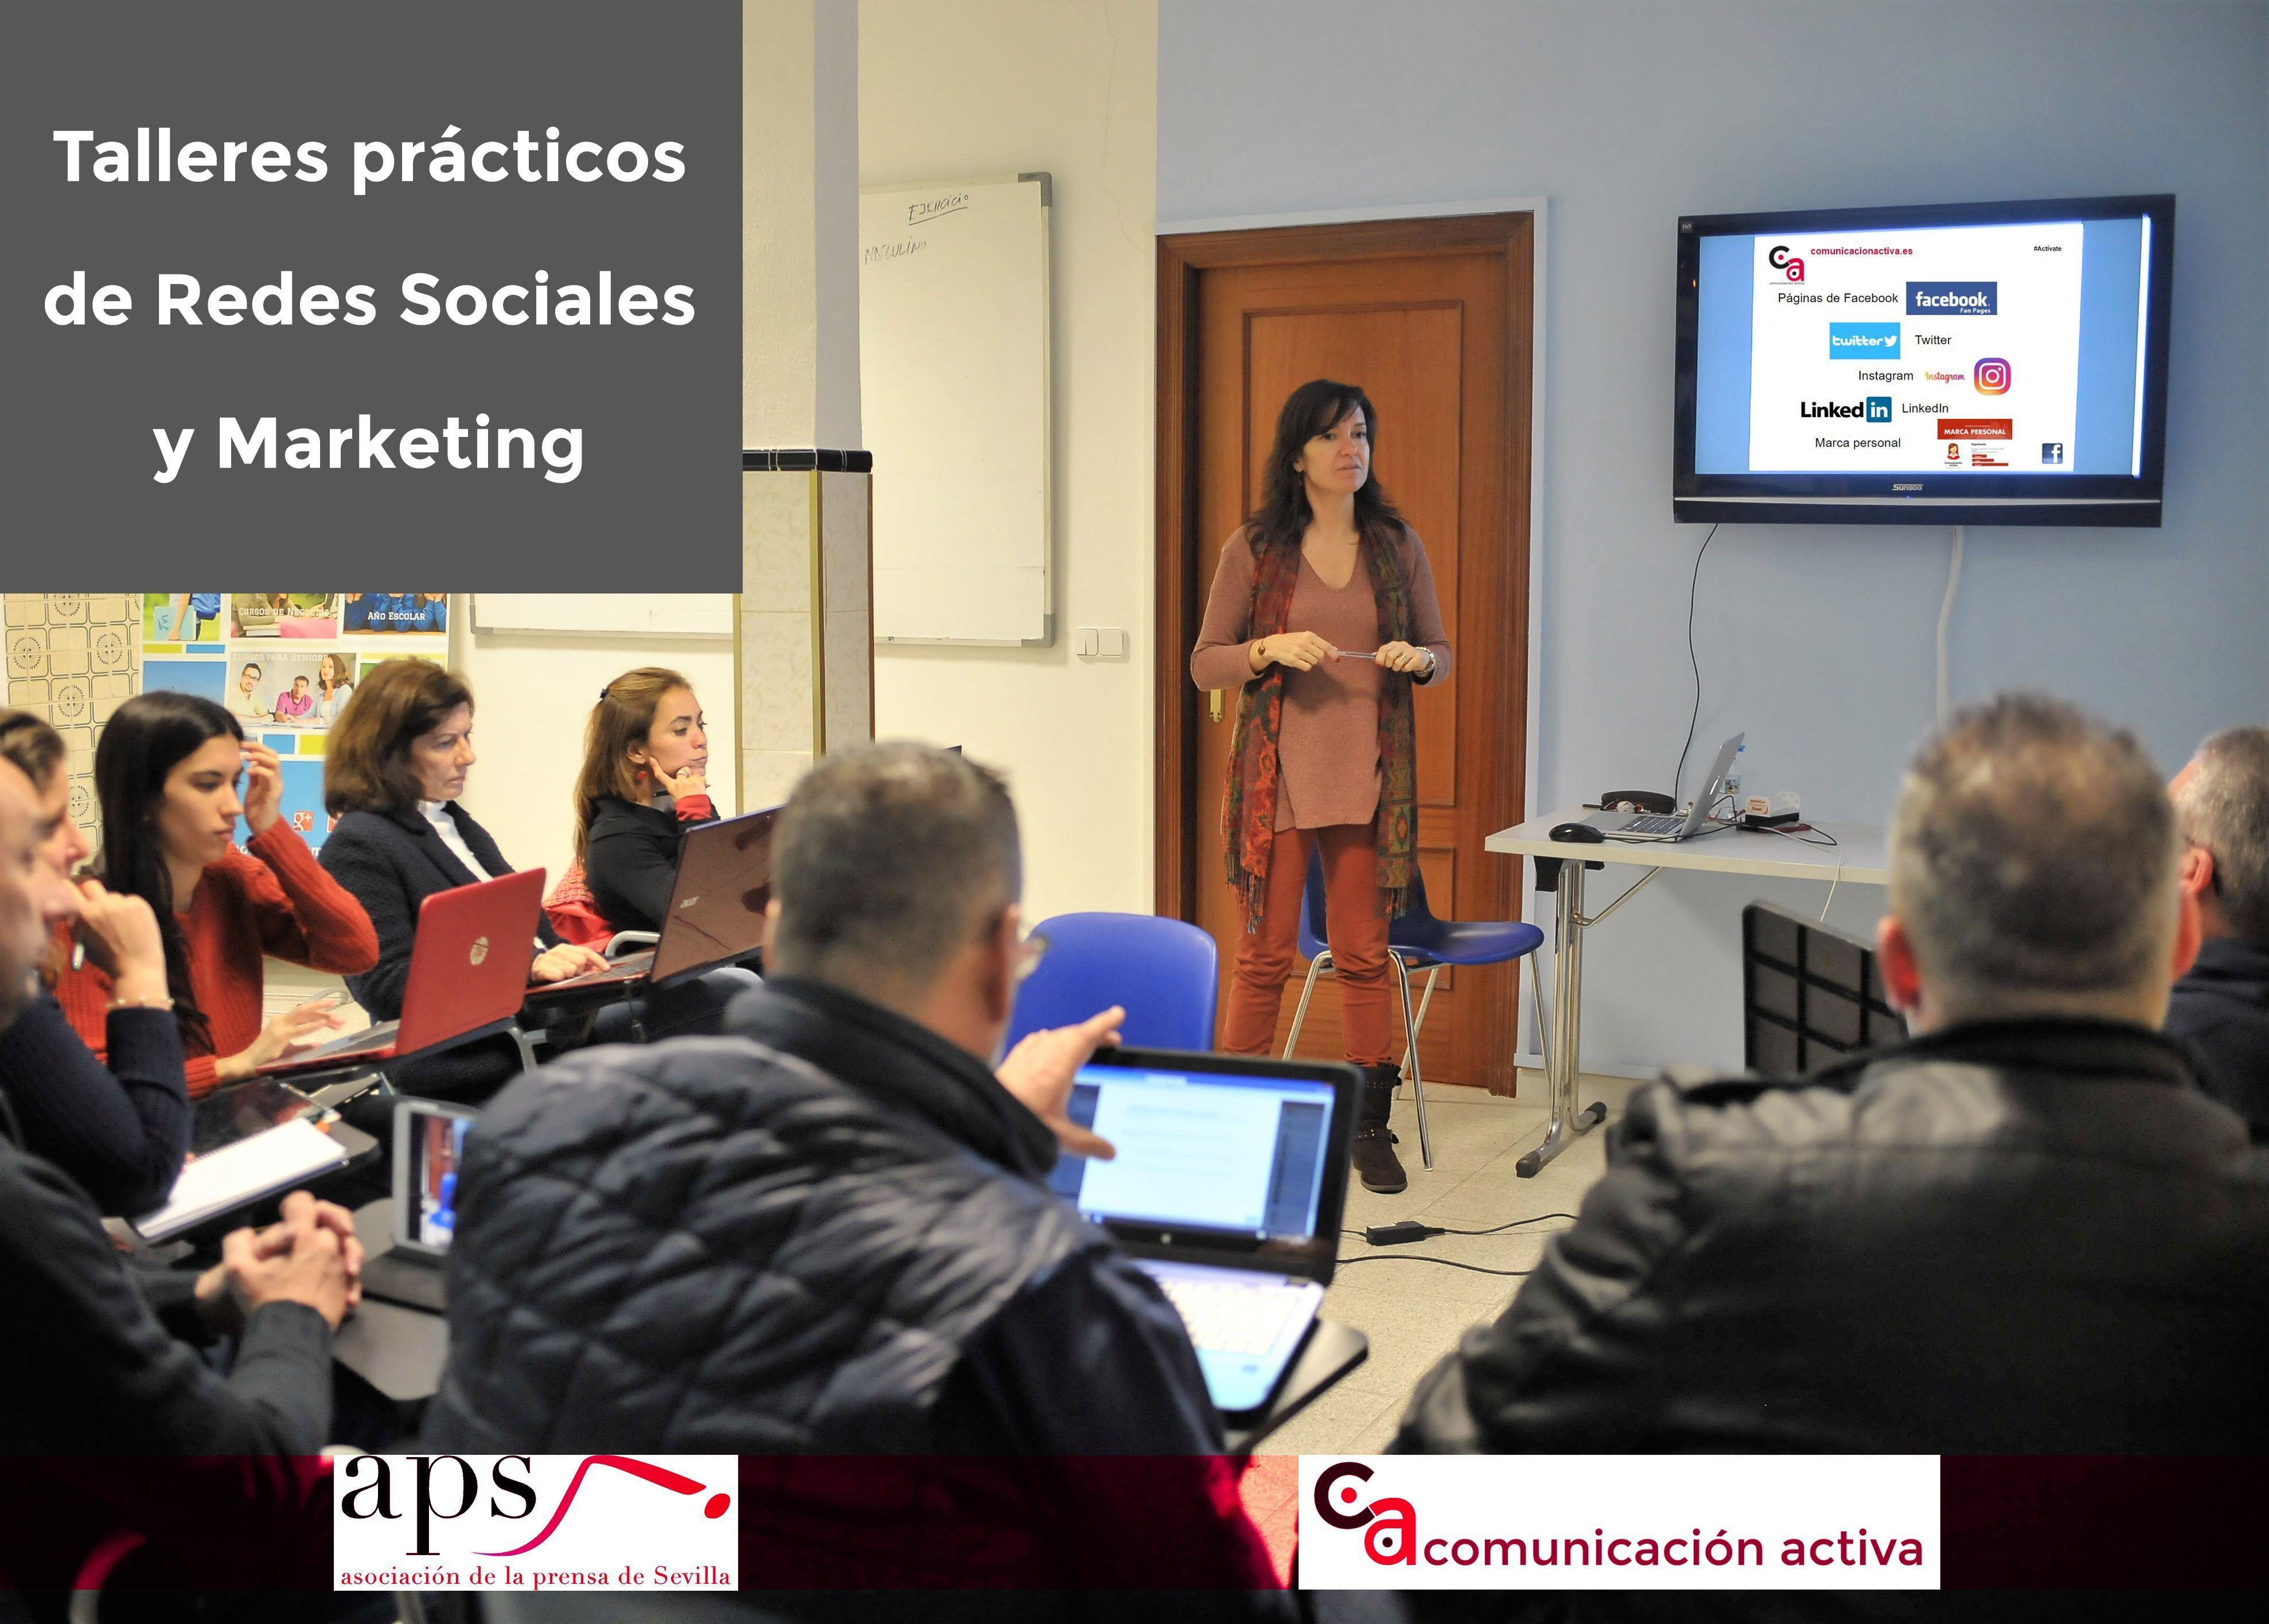 Talleres prácticos de Redes Sociales y Marketing